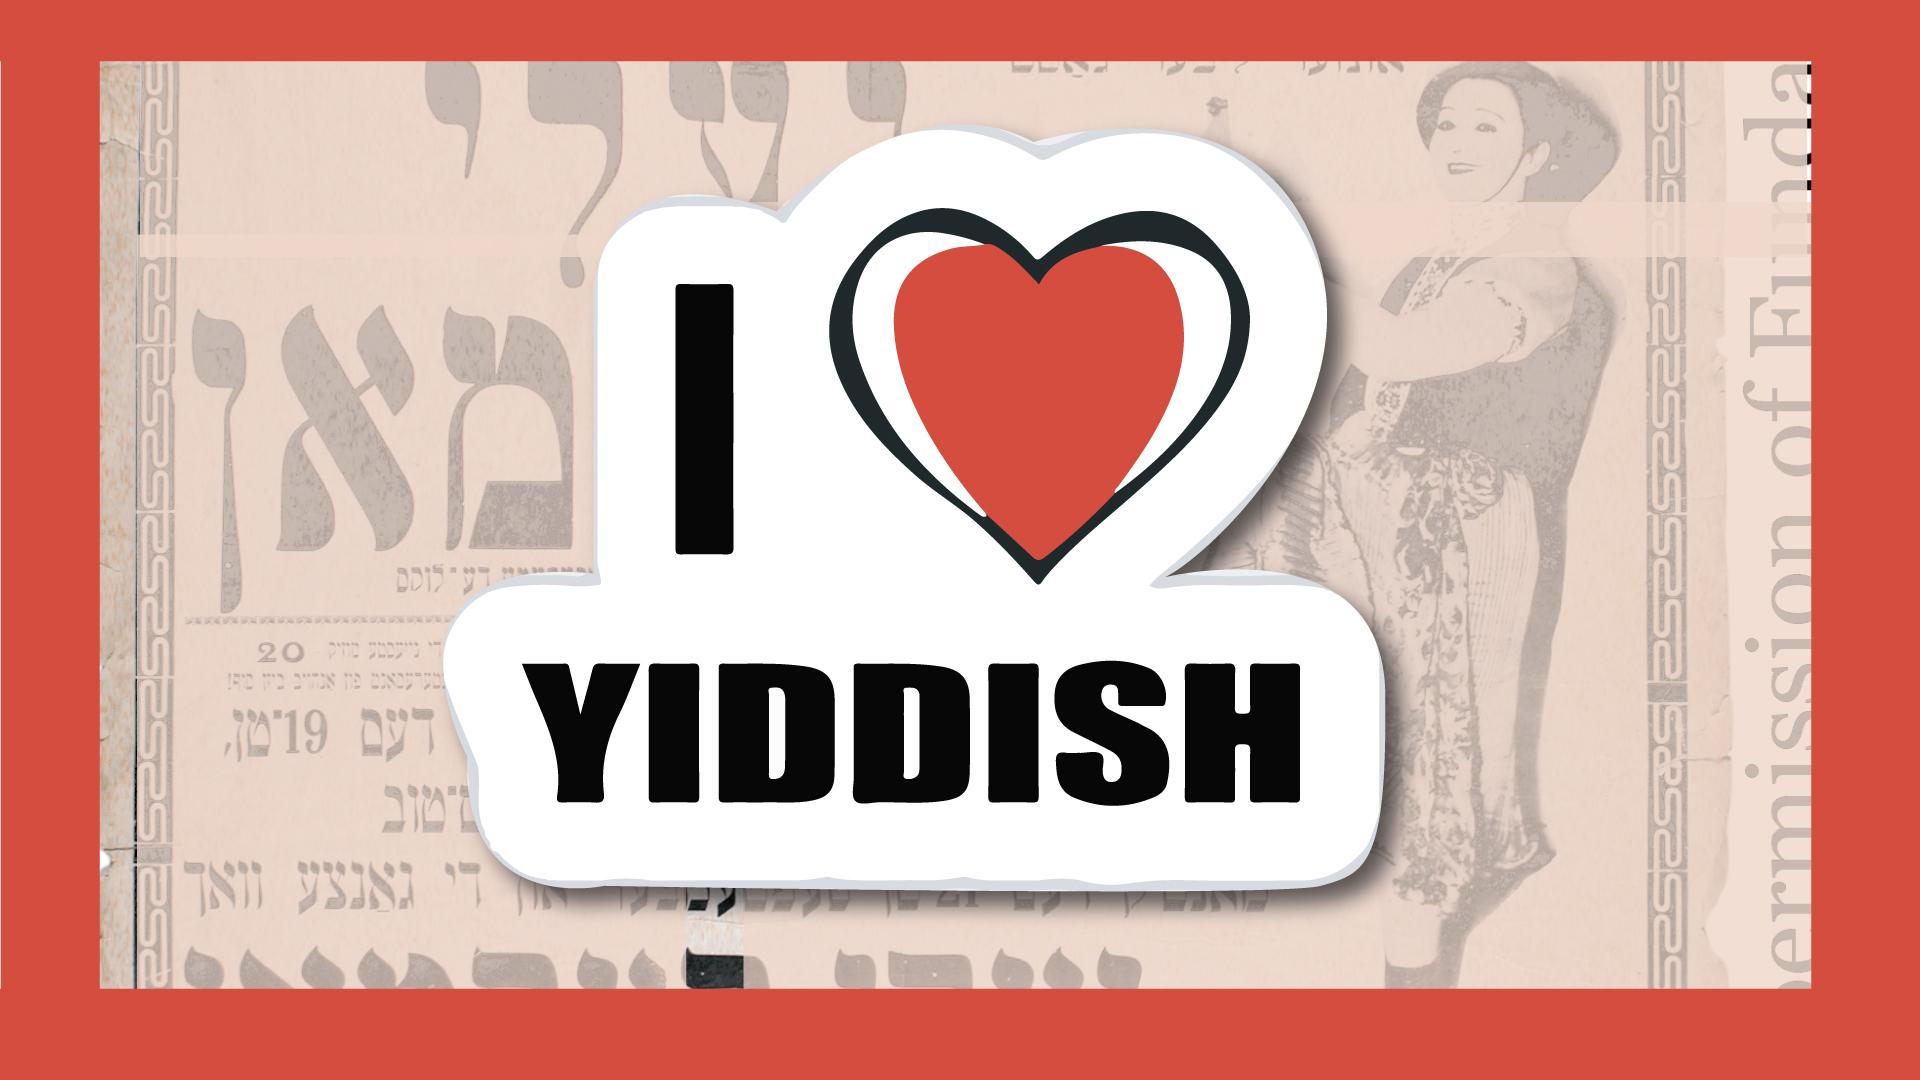 Yiddish Class